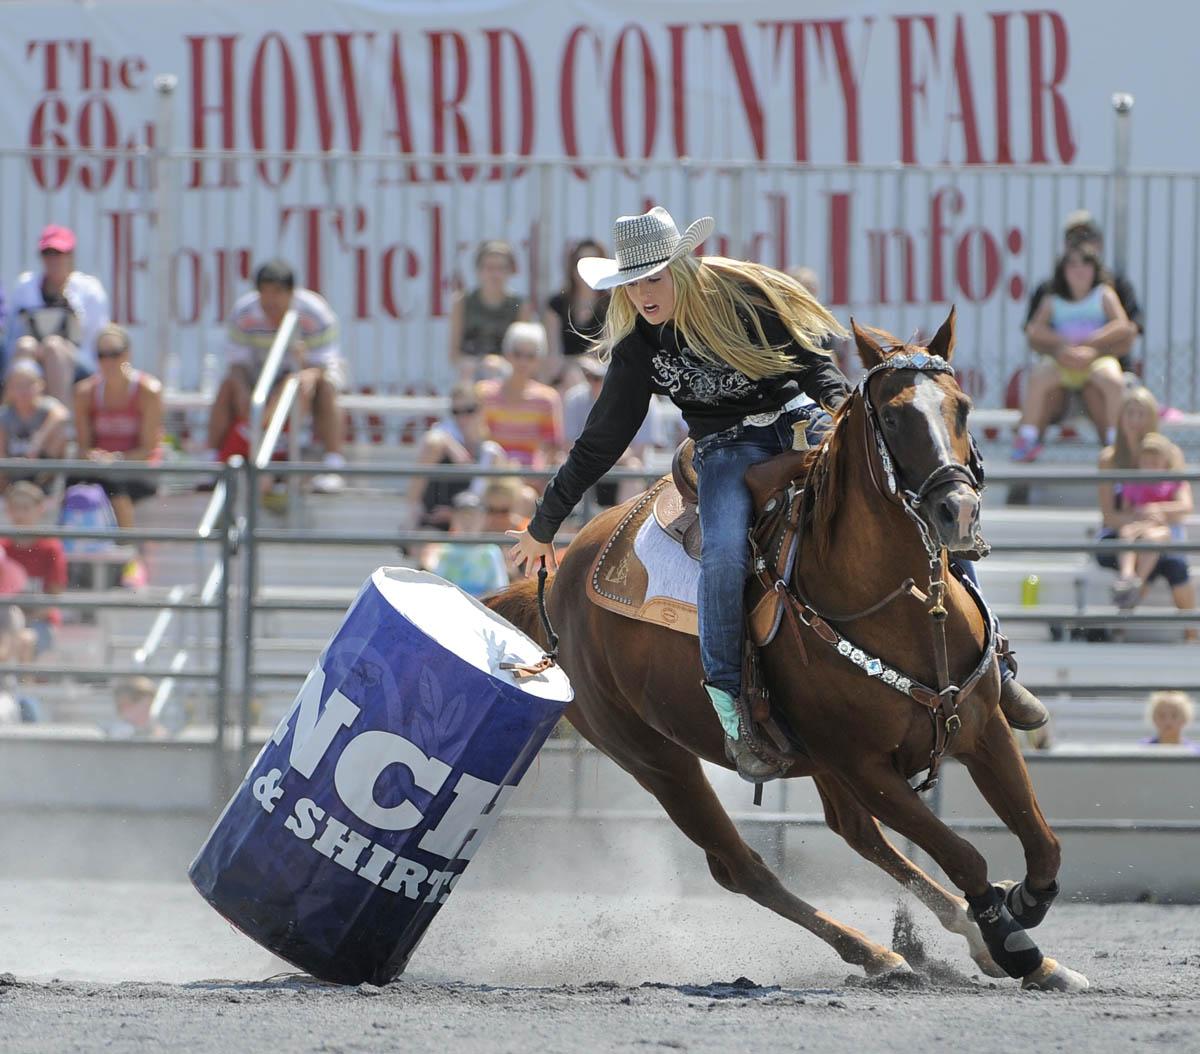 rodeo queen history